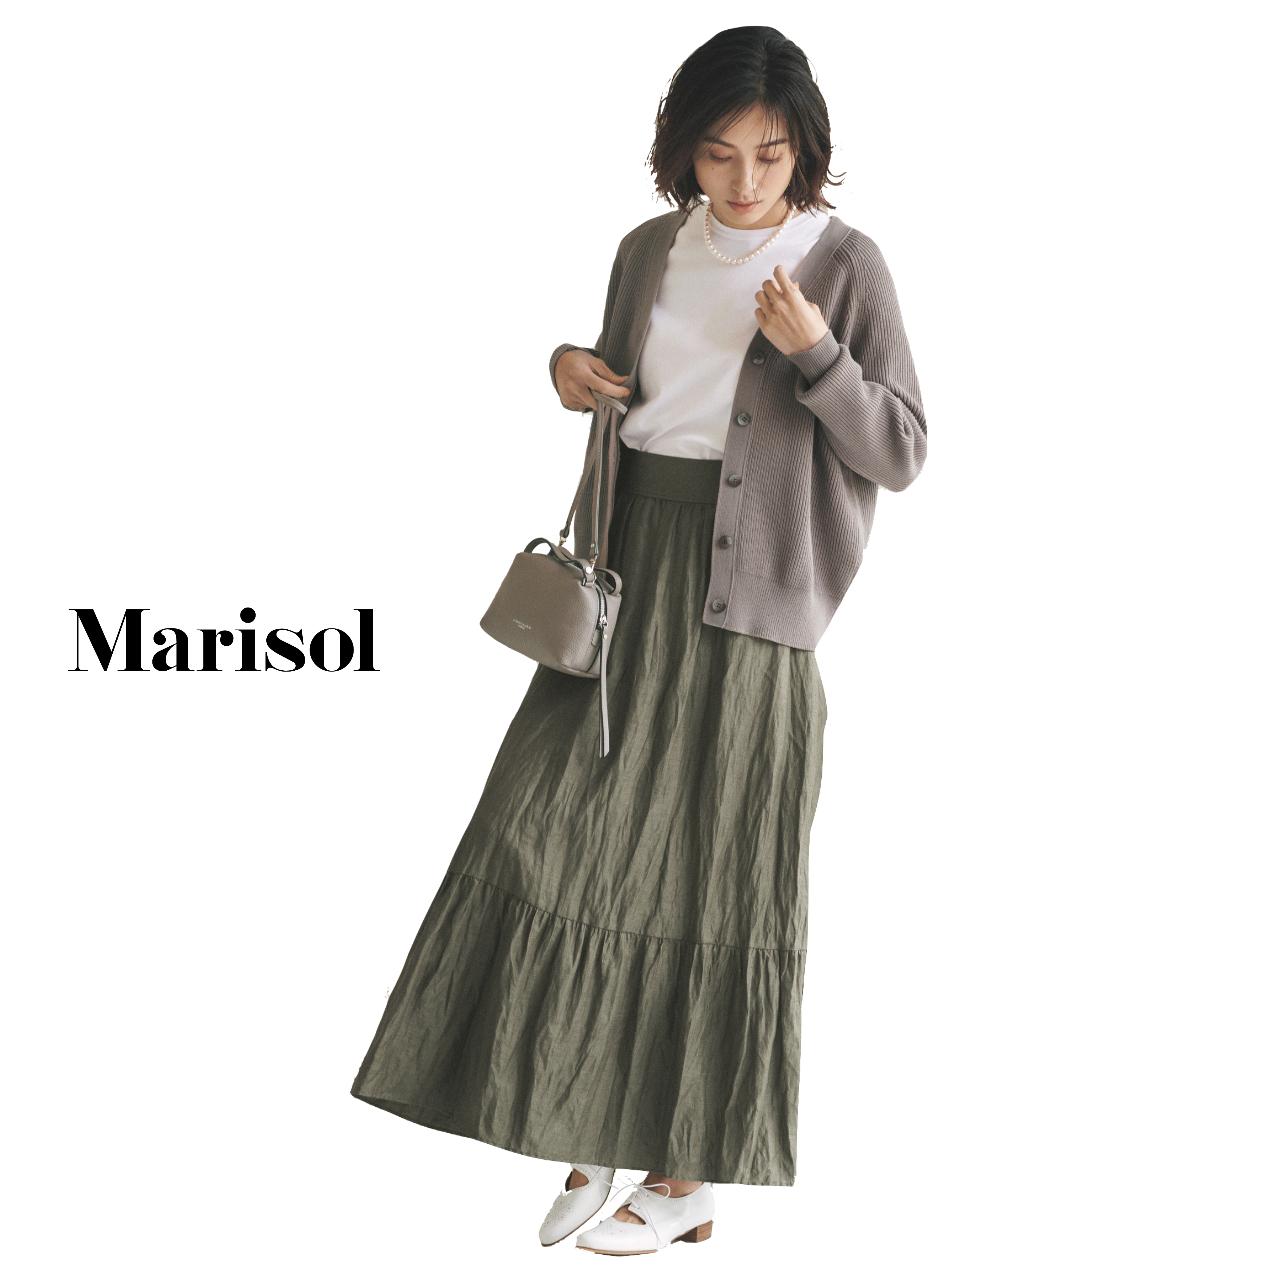 40代ファッション 白Tシャツ×カーディガン×カーキロングティアードスカートコーデ